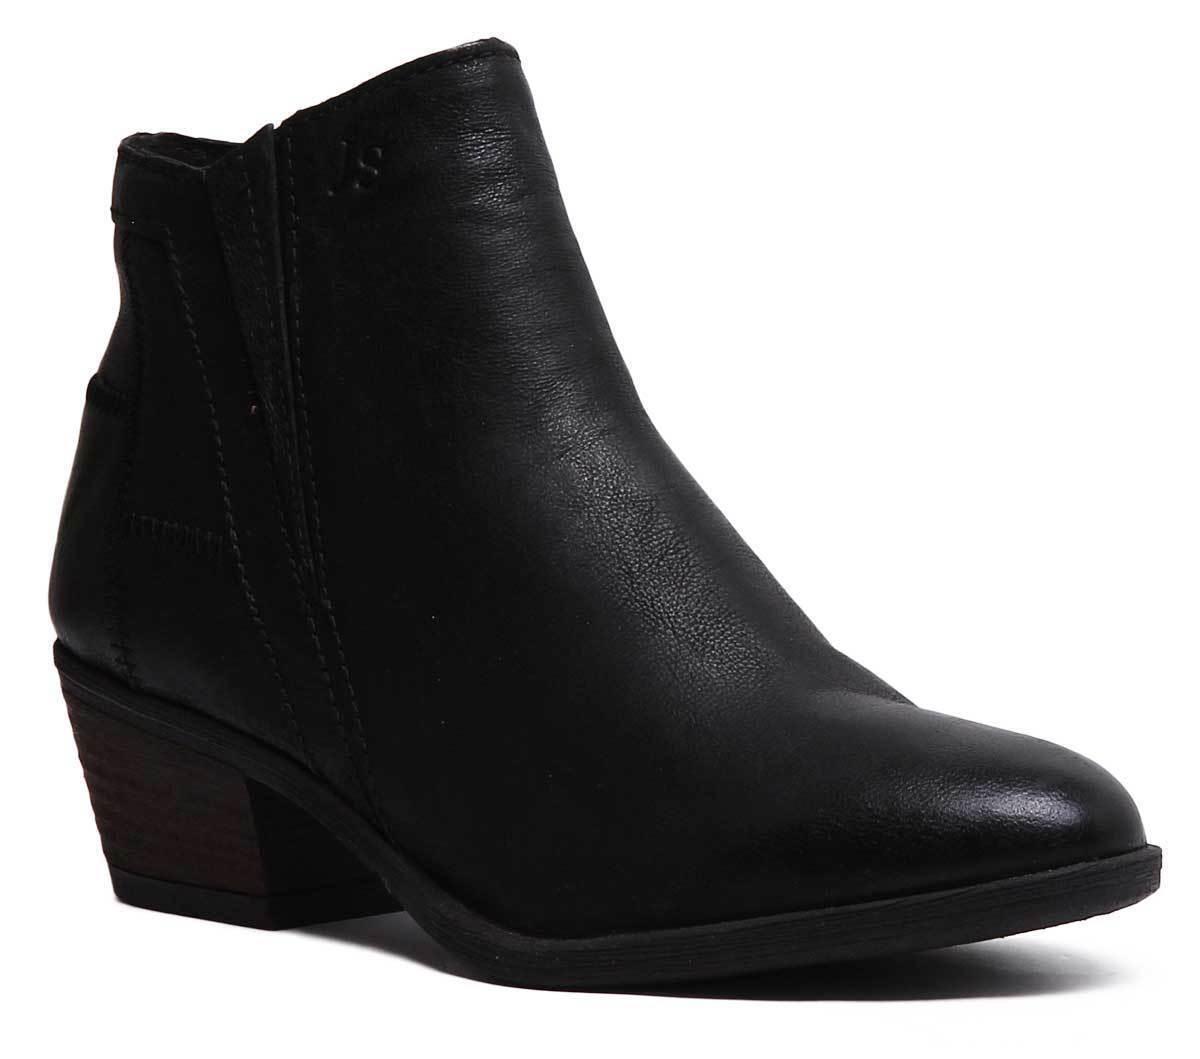 Josef Seibel Daphne 09 donna Suede Leather nero Ankle stivali  Dimensione UK 3 - 8  buon prezzo